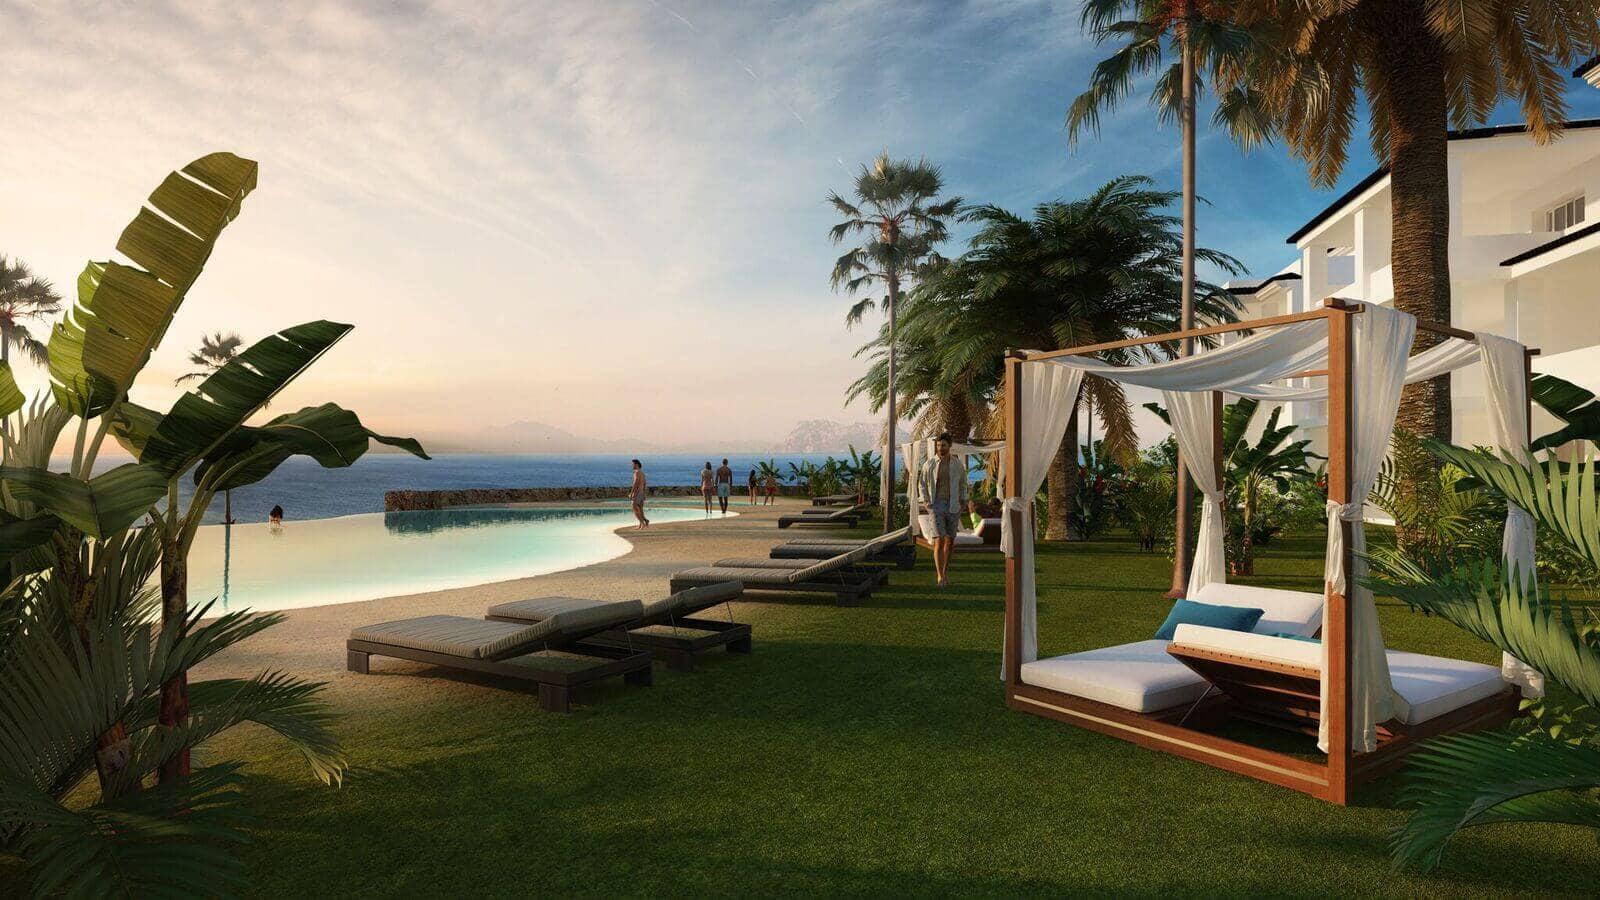 mirador de estepona new golden mile appartement penthpuse te koop marbella zwembad kopen